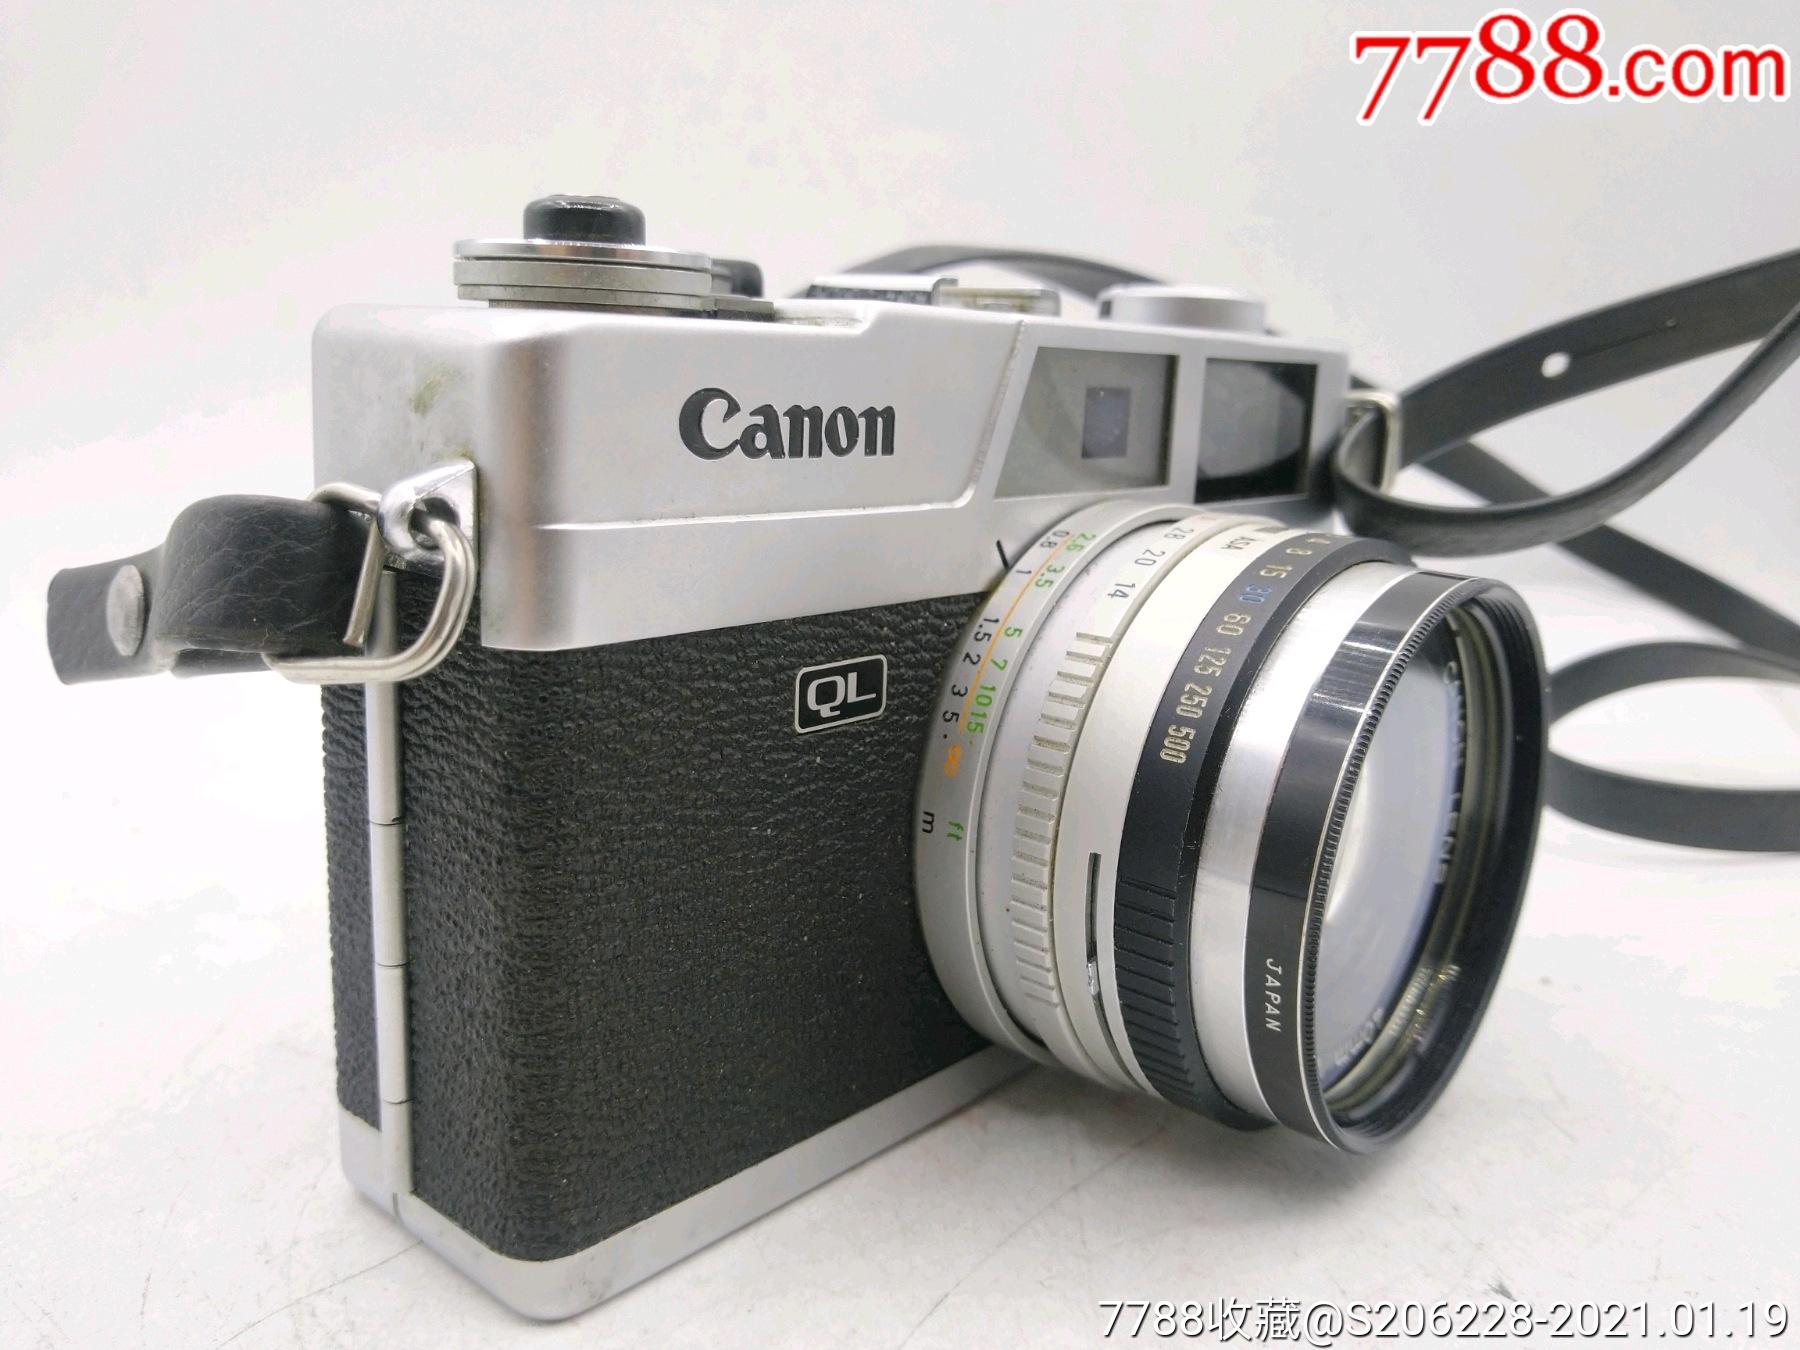 229★Canon_Canonet-QL17旁軸相機/機身編號:643049_價格260元_第4張_